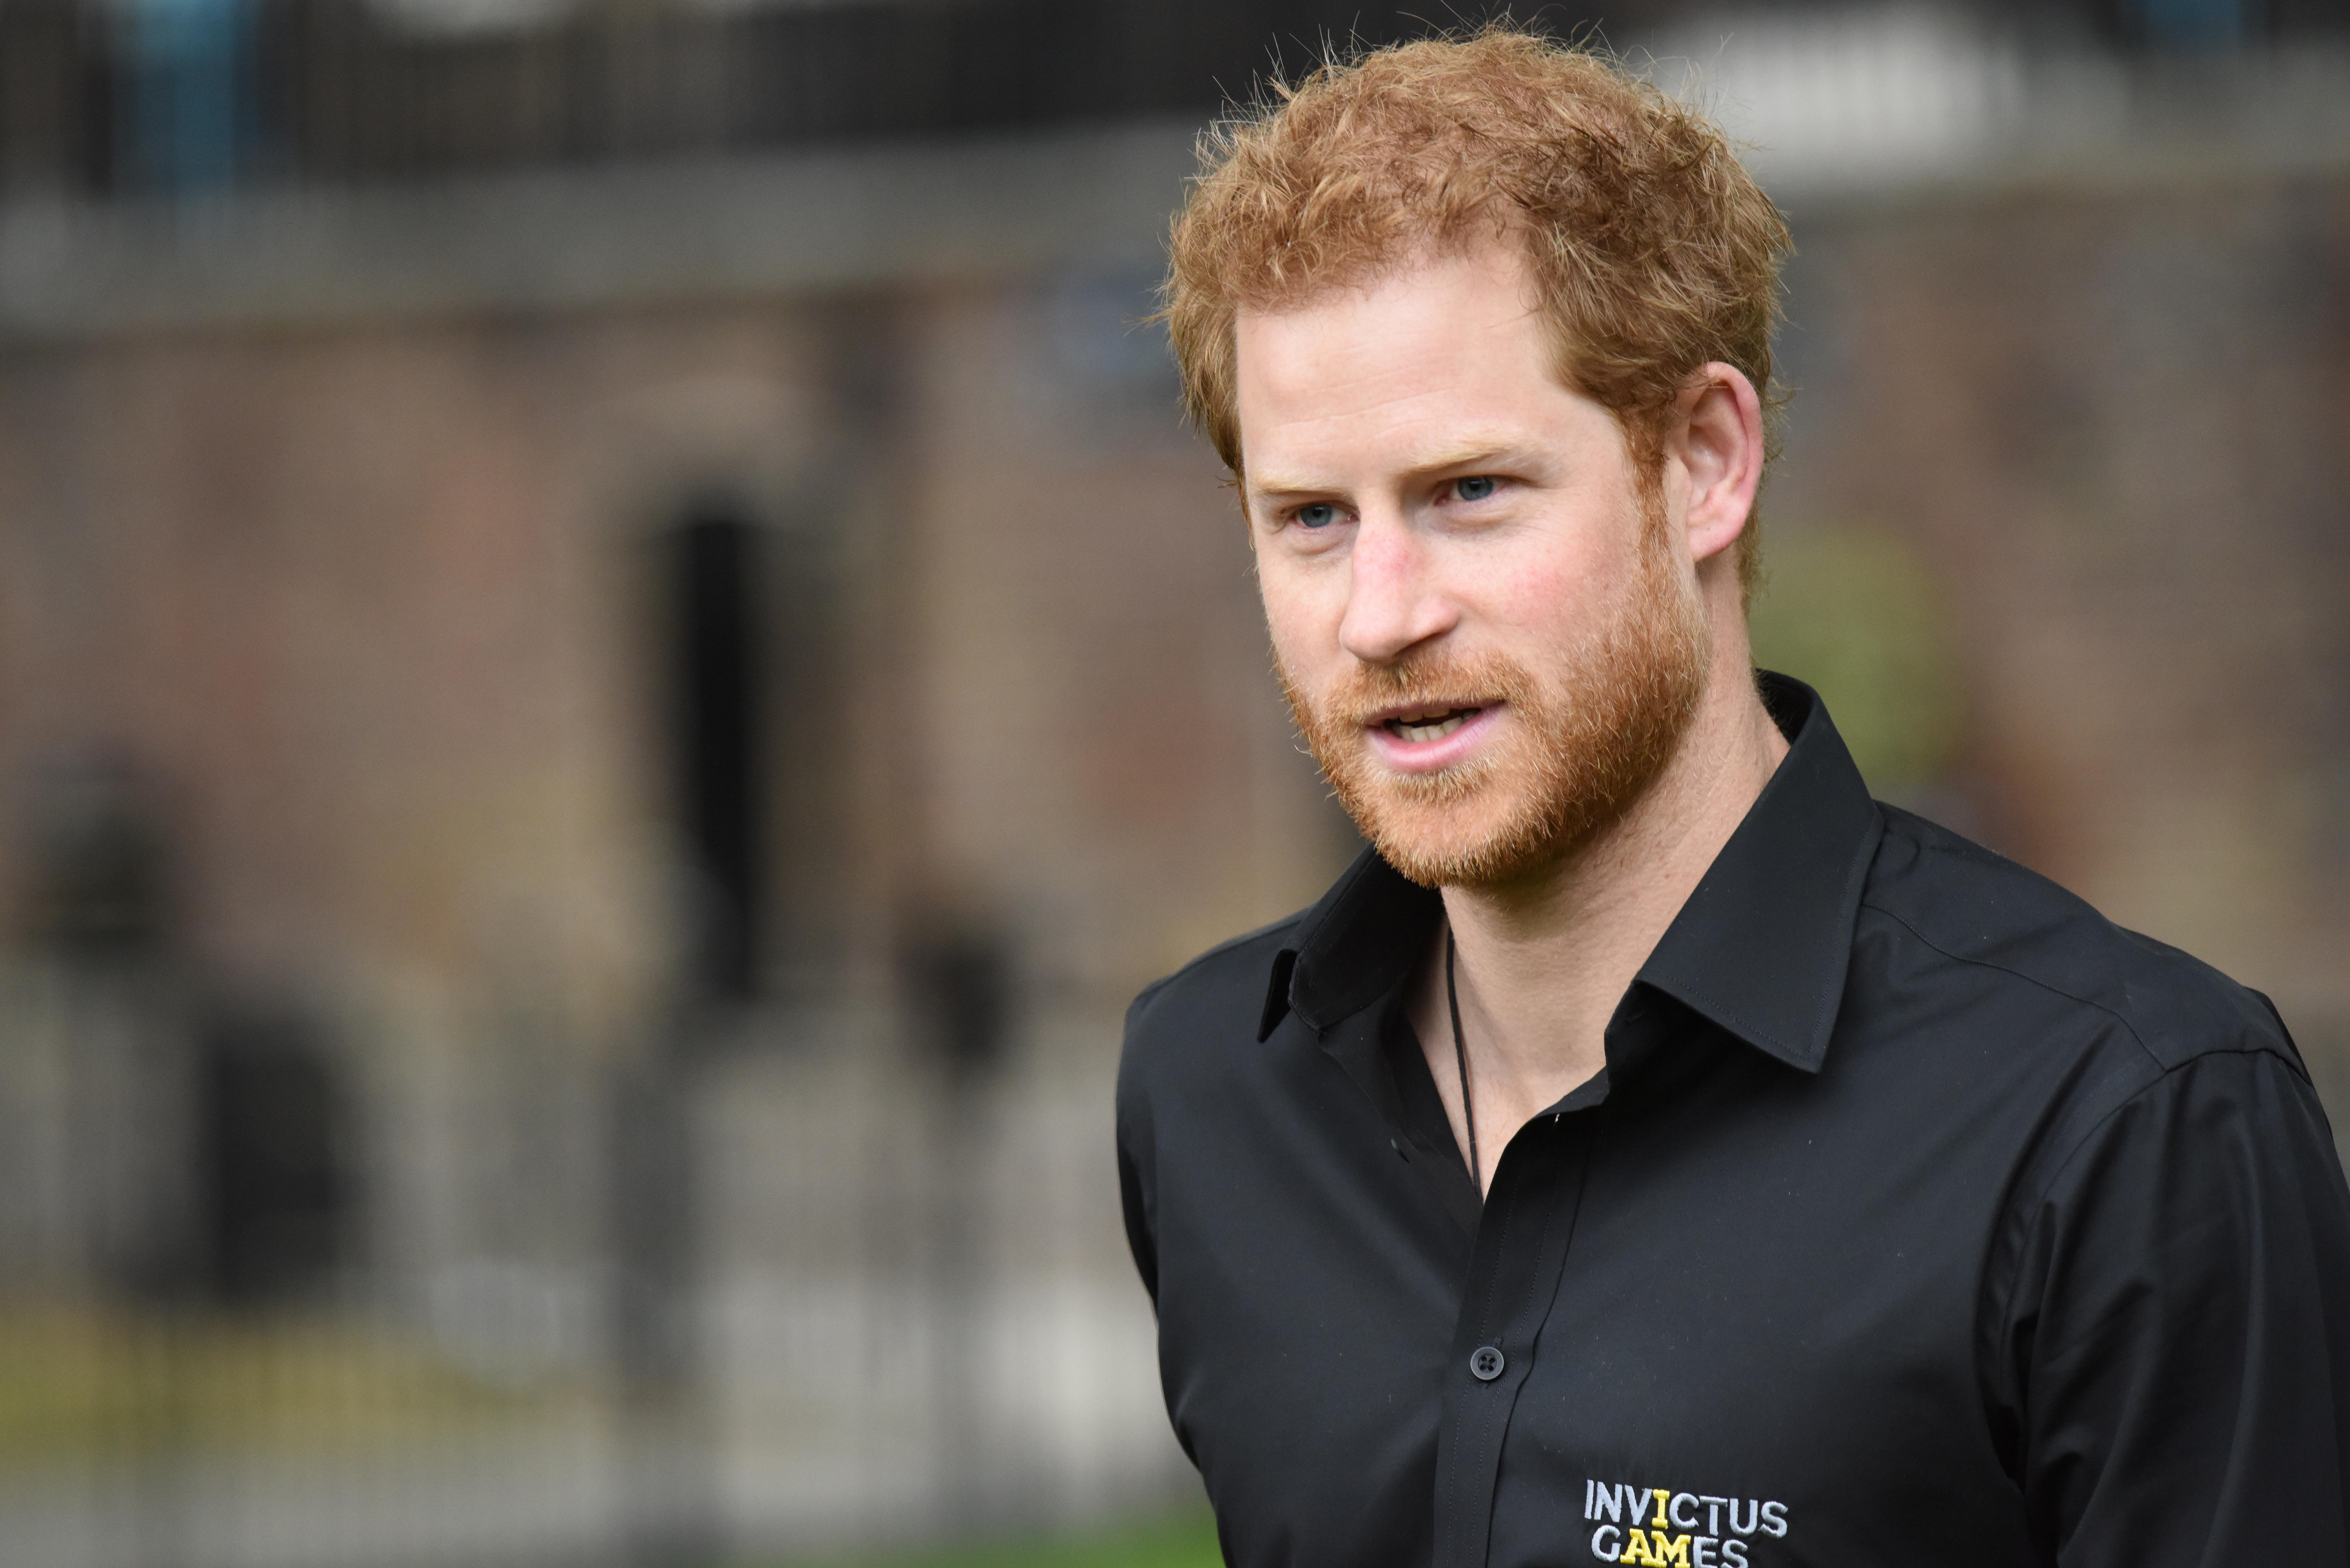 Prinţul Harry a devenit membru al unei comisii care luptă împotriva dezinformării